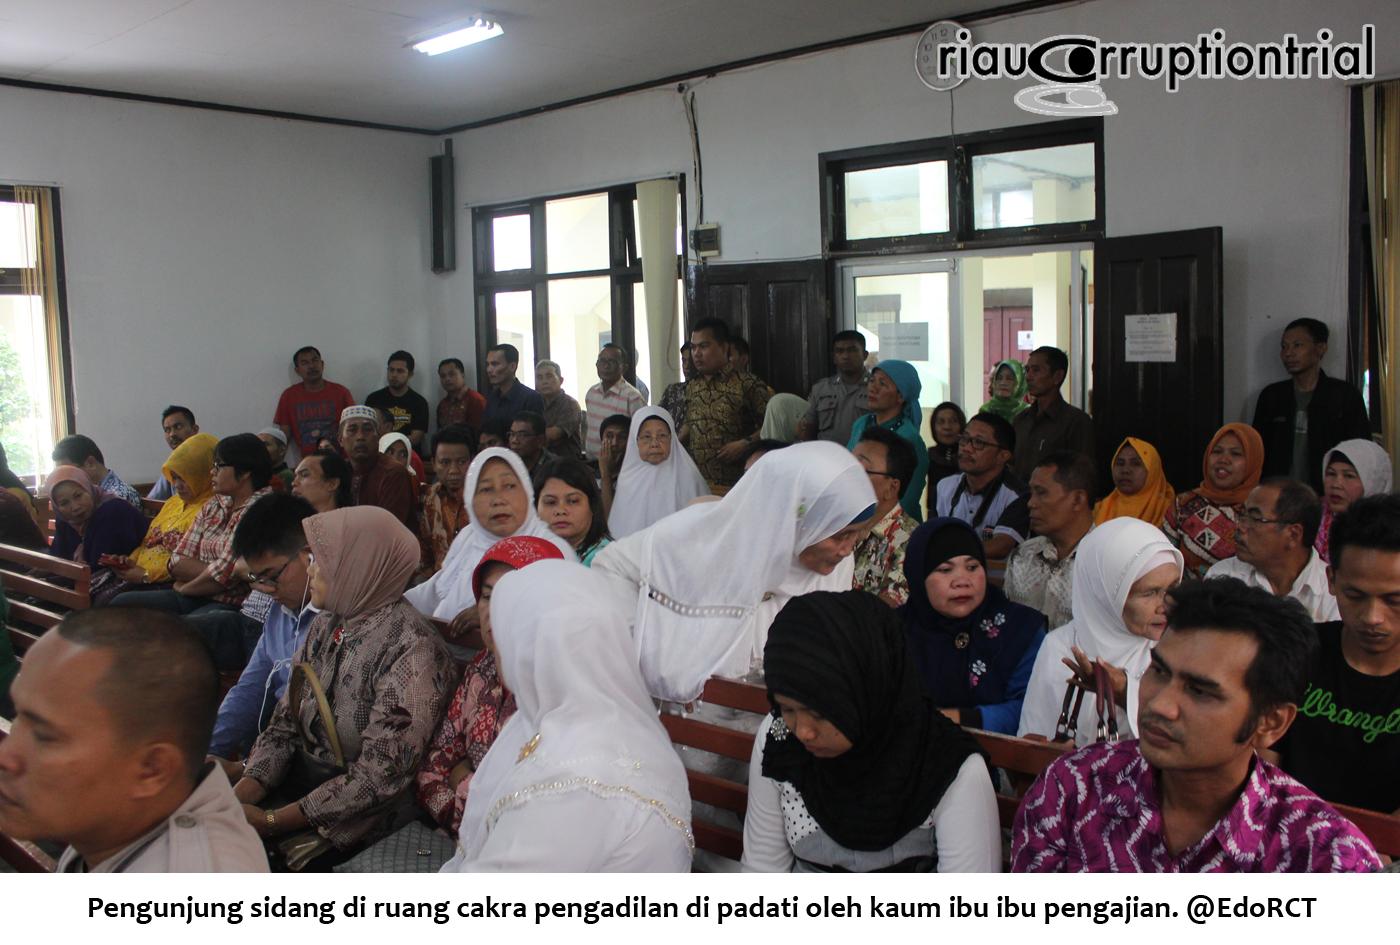 Pengunjung sidang dipadati ibu ibu pengajian